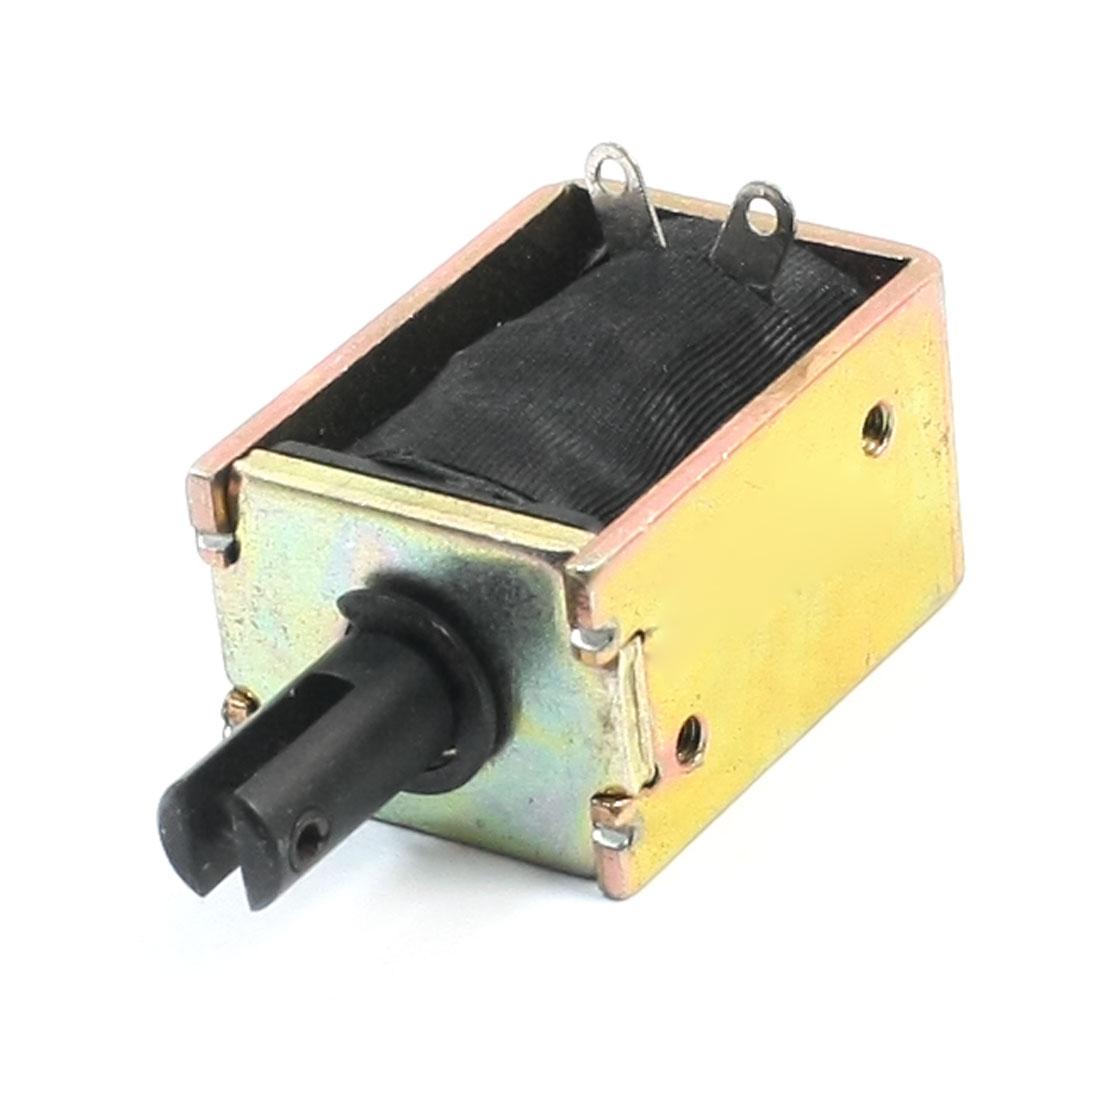 DC12V 11.04W 500g/4mm Push Type Open Frame Solenoid Electromagnet